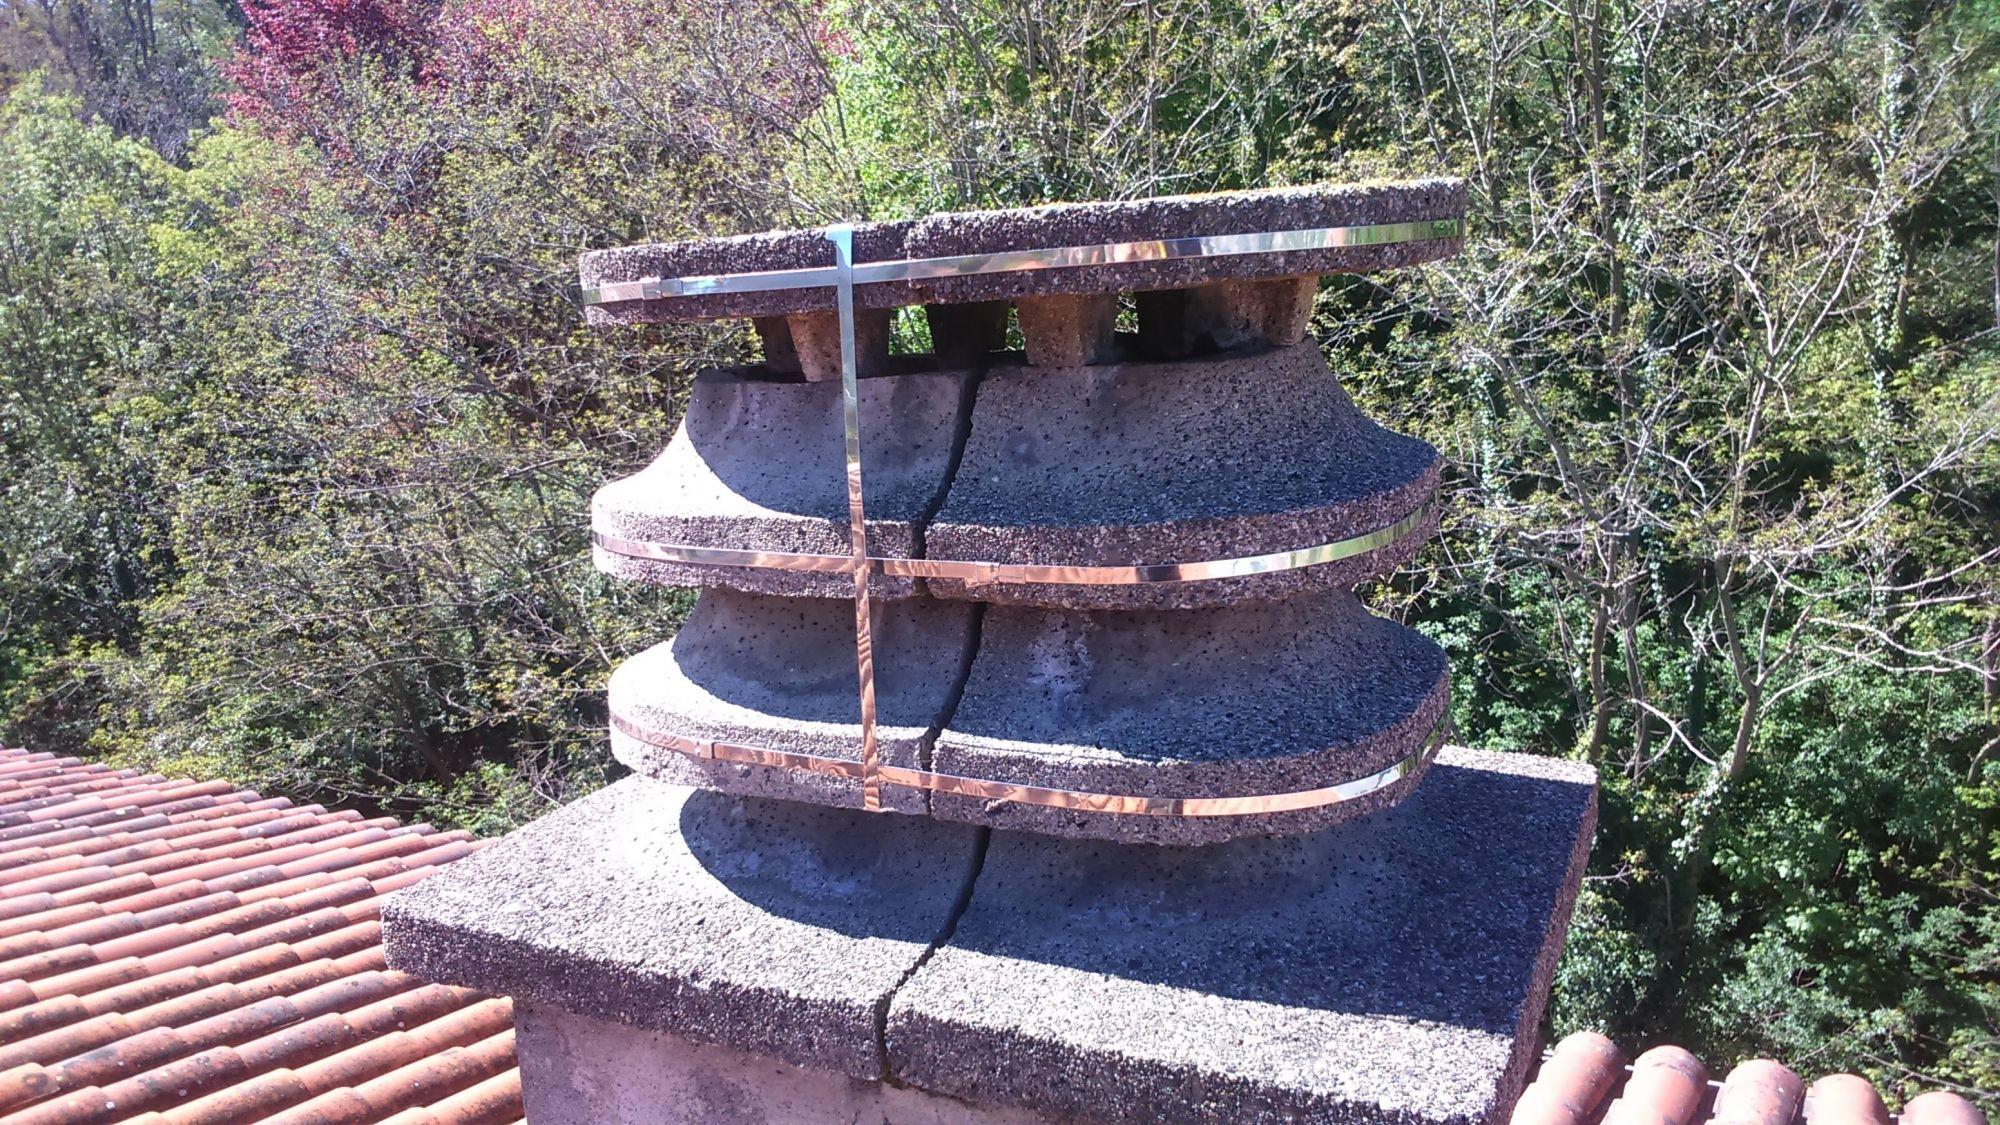 Travaux de mise en sécurité - cerclage de cheminée